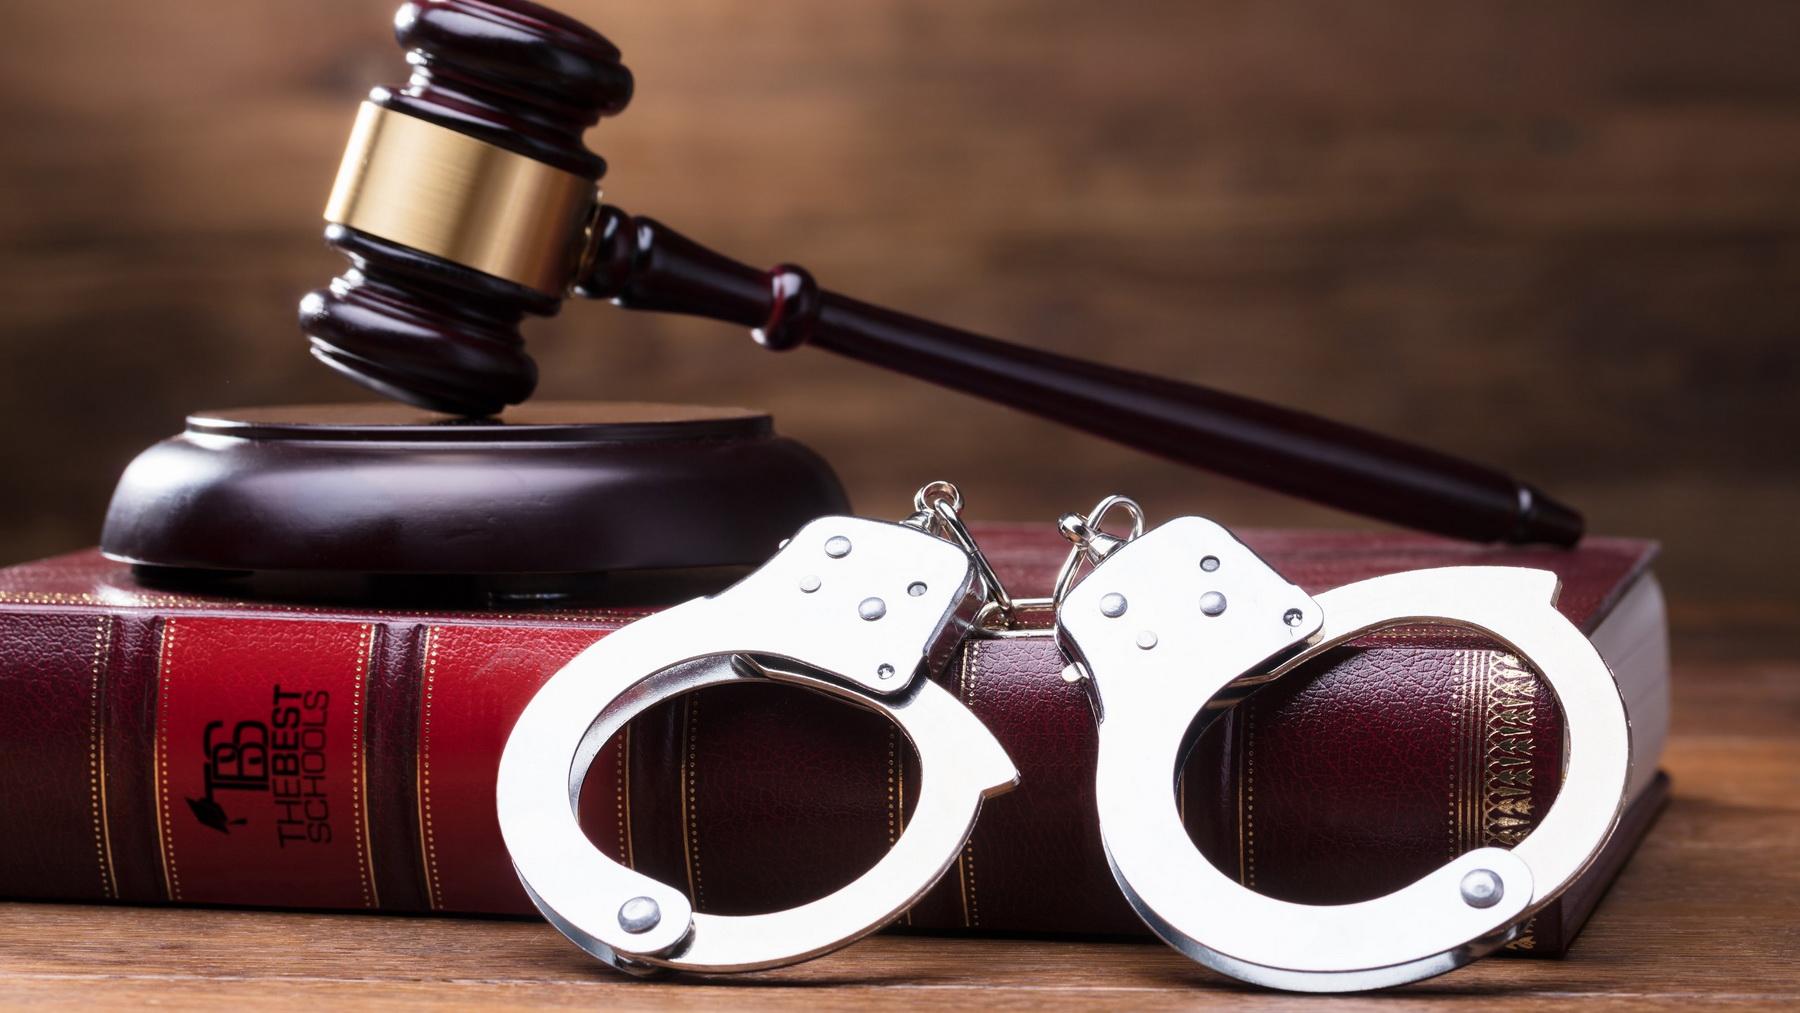 Эксперты раскритиковали ПО, предназначенное для уголовного судопроизводства